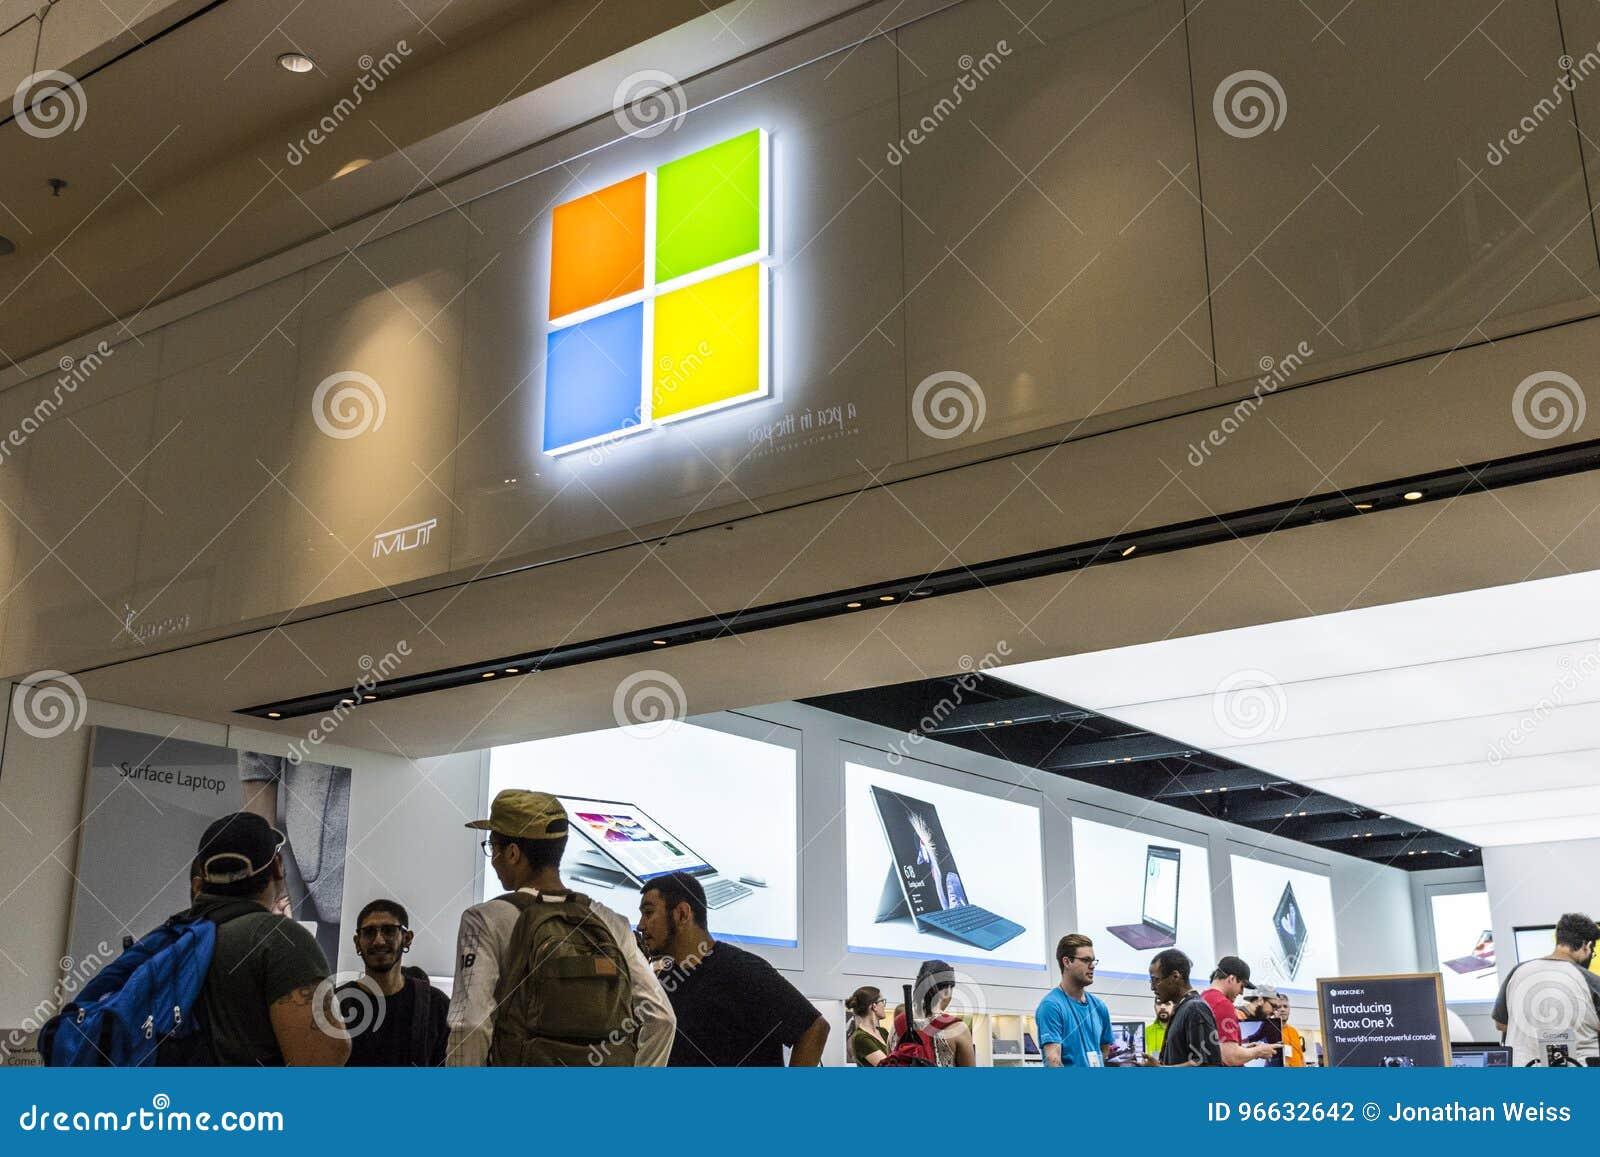 Las Vegas - Circa July 2017: Microsoft Retail Technology